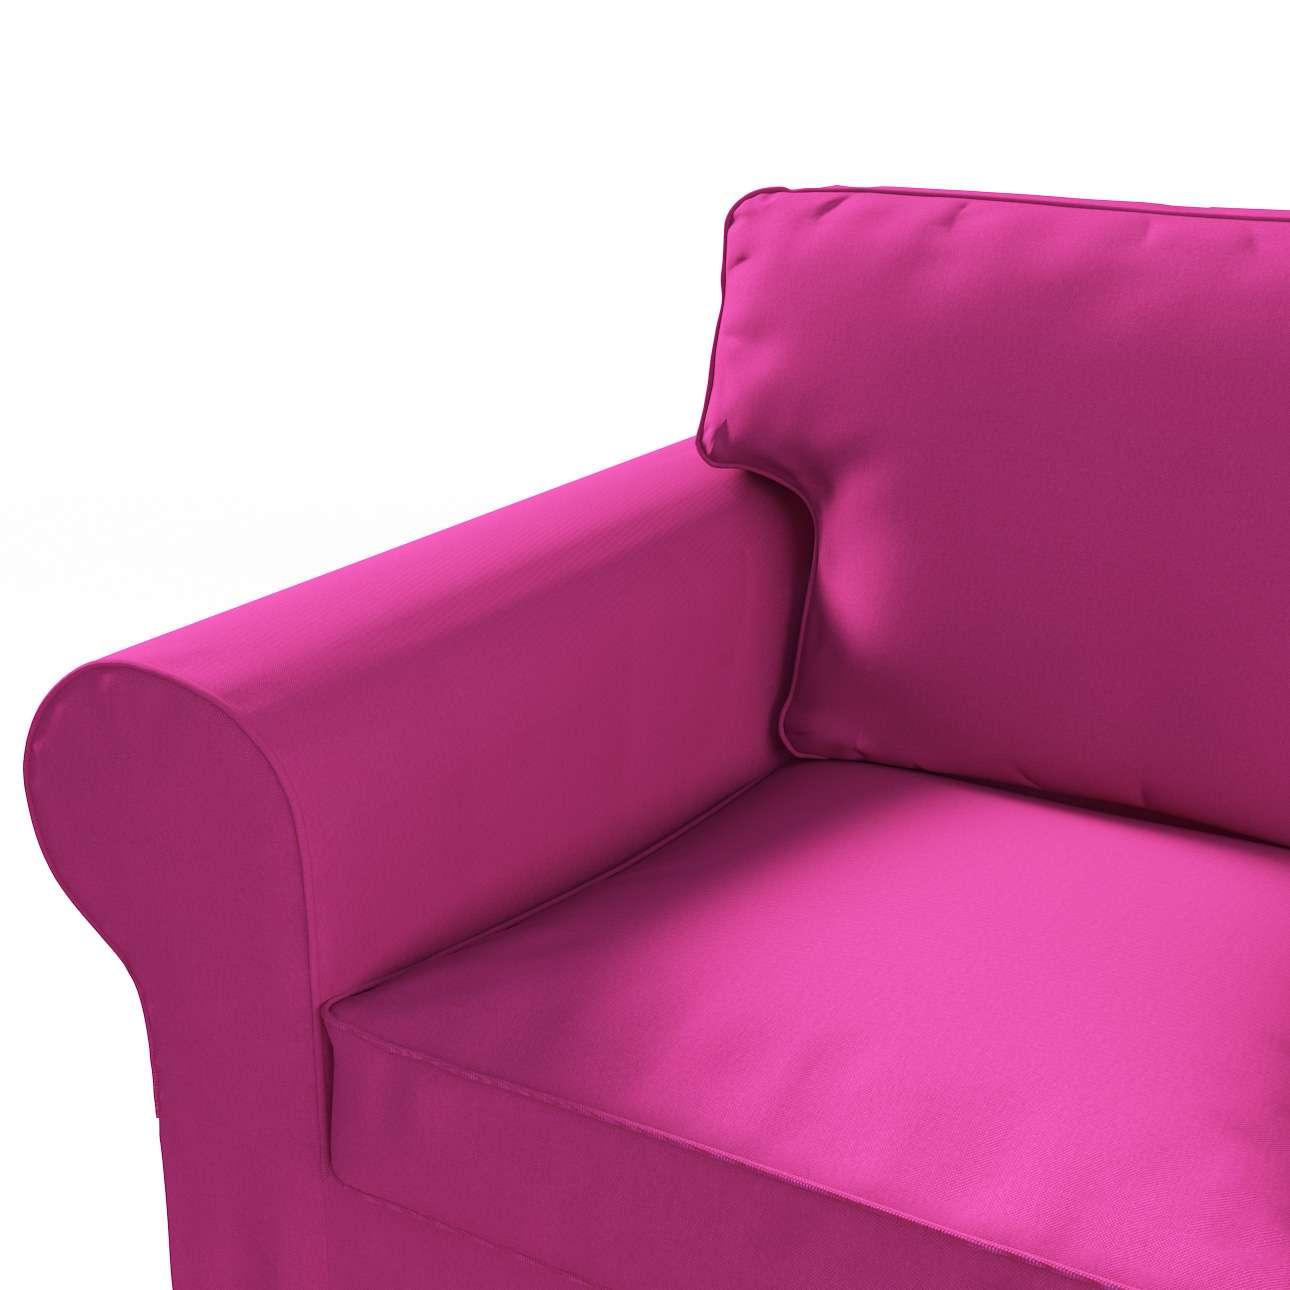 Ektorp 3-Sitzer Schlafsofabezug, ALTES Modell von der Kollektion Etna, Stoff: 705-23